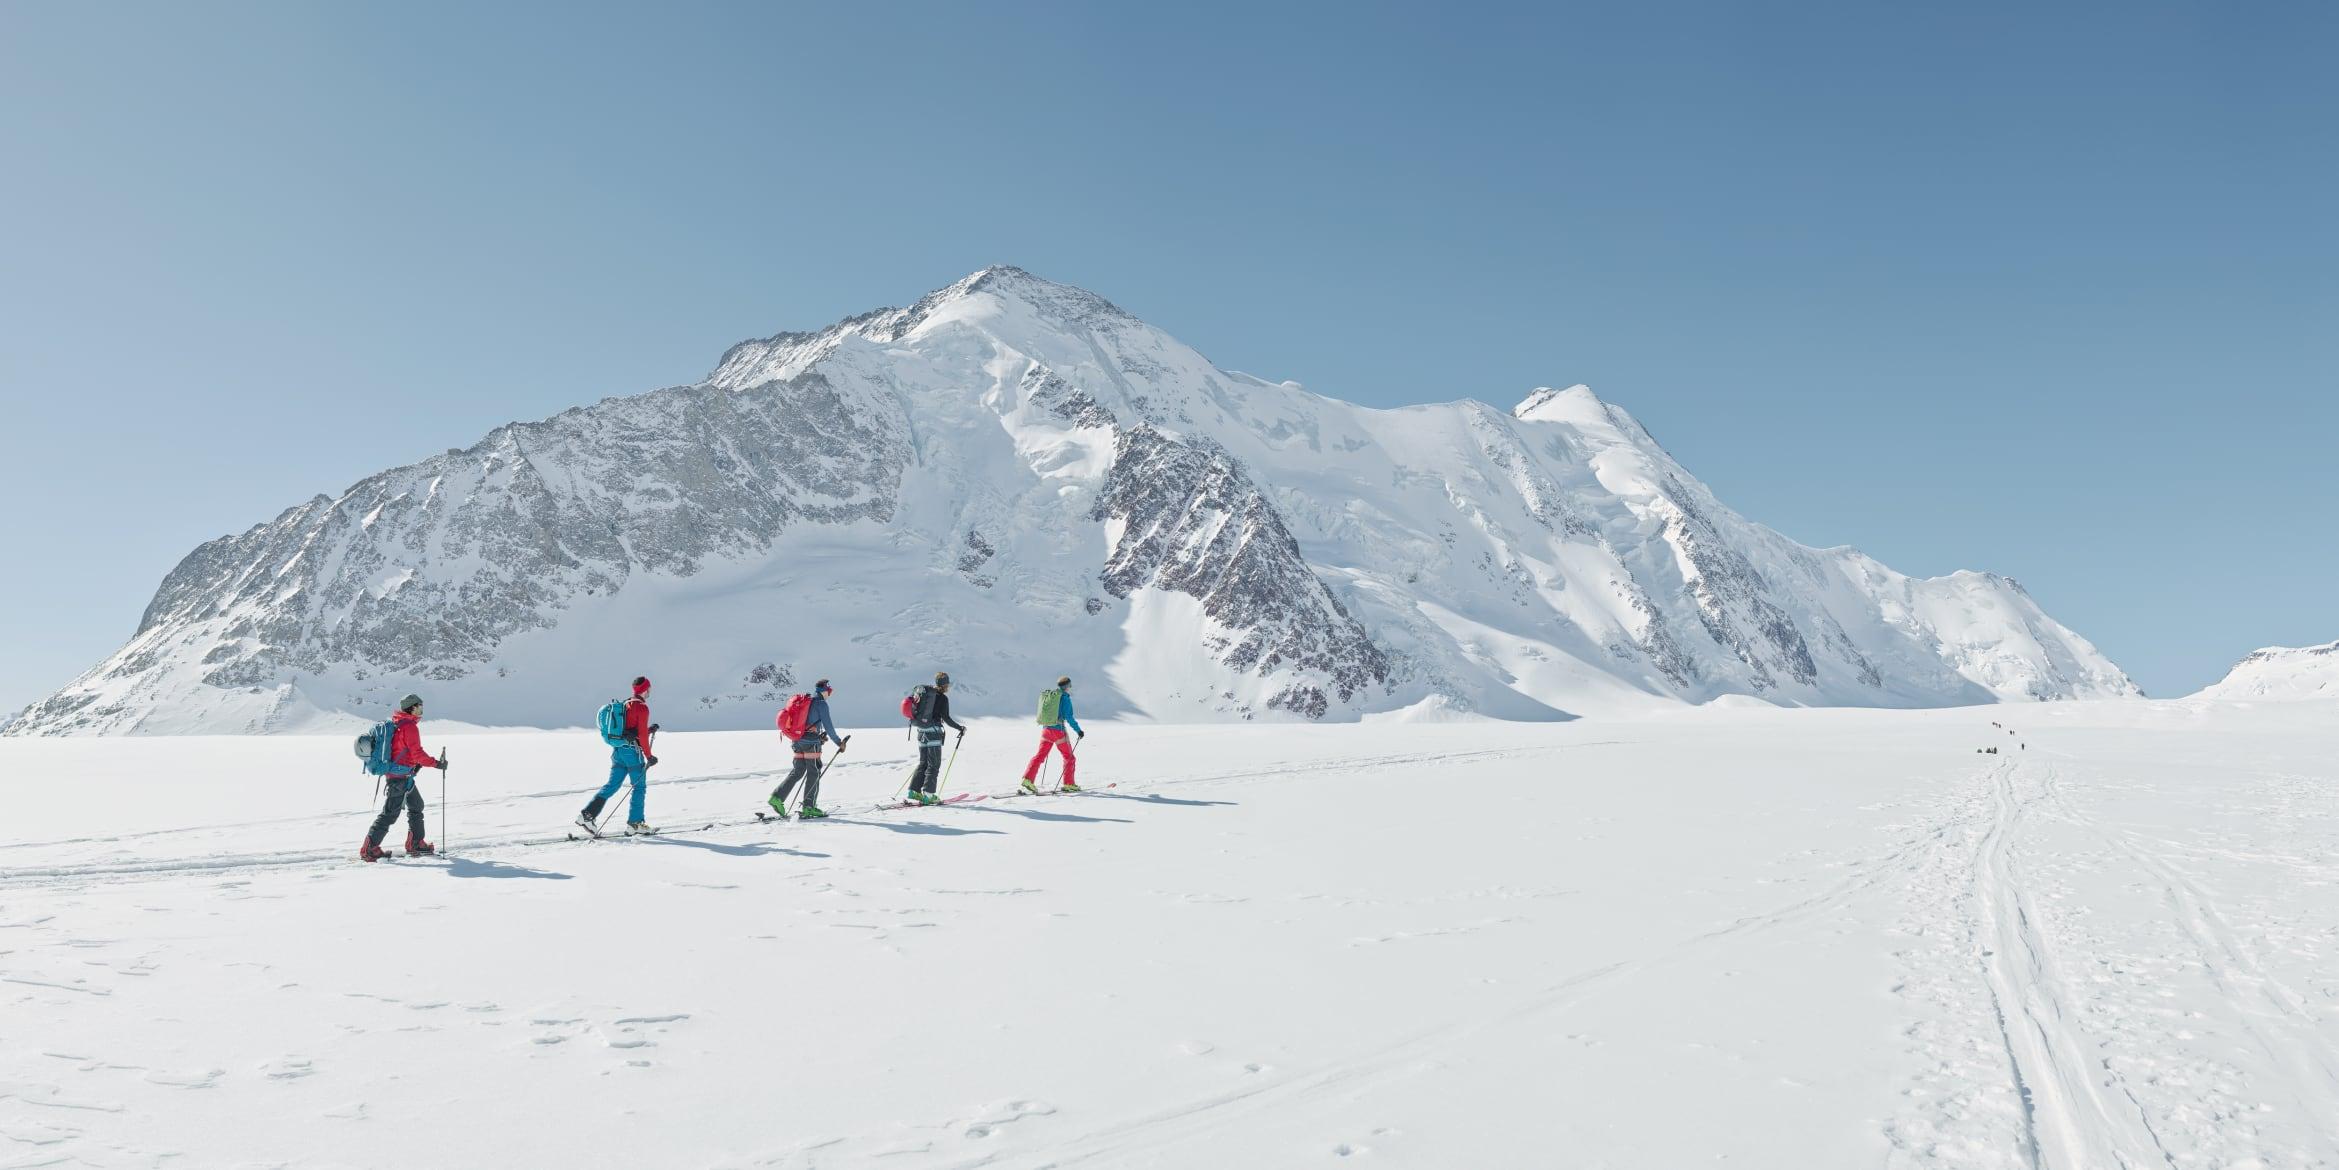 Jungfrau-Ski-Region, Skigebiet-Grindelwald-Wengen, Skitour, Winter